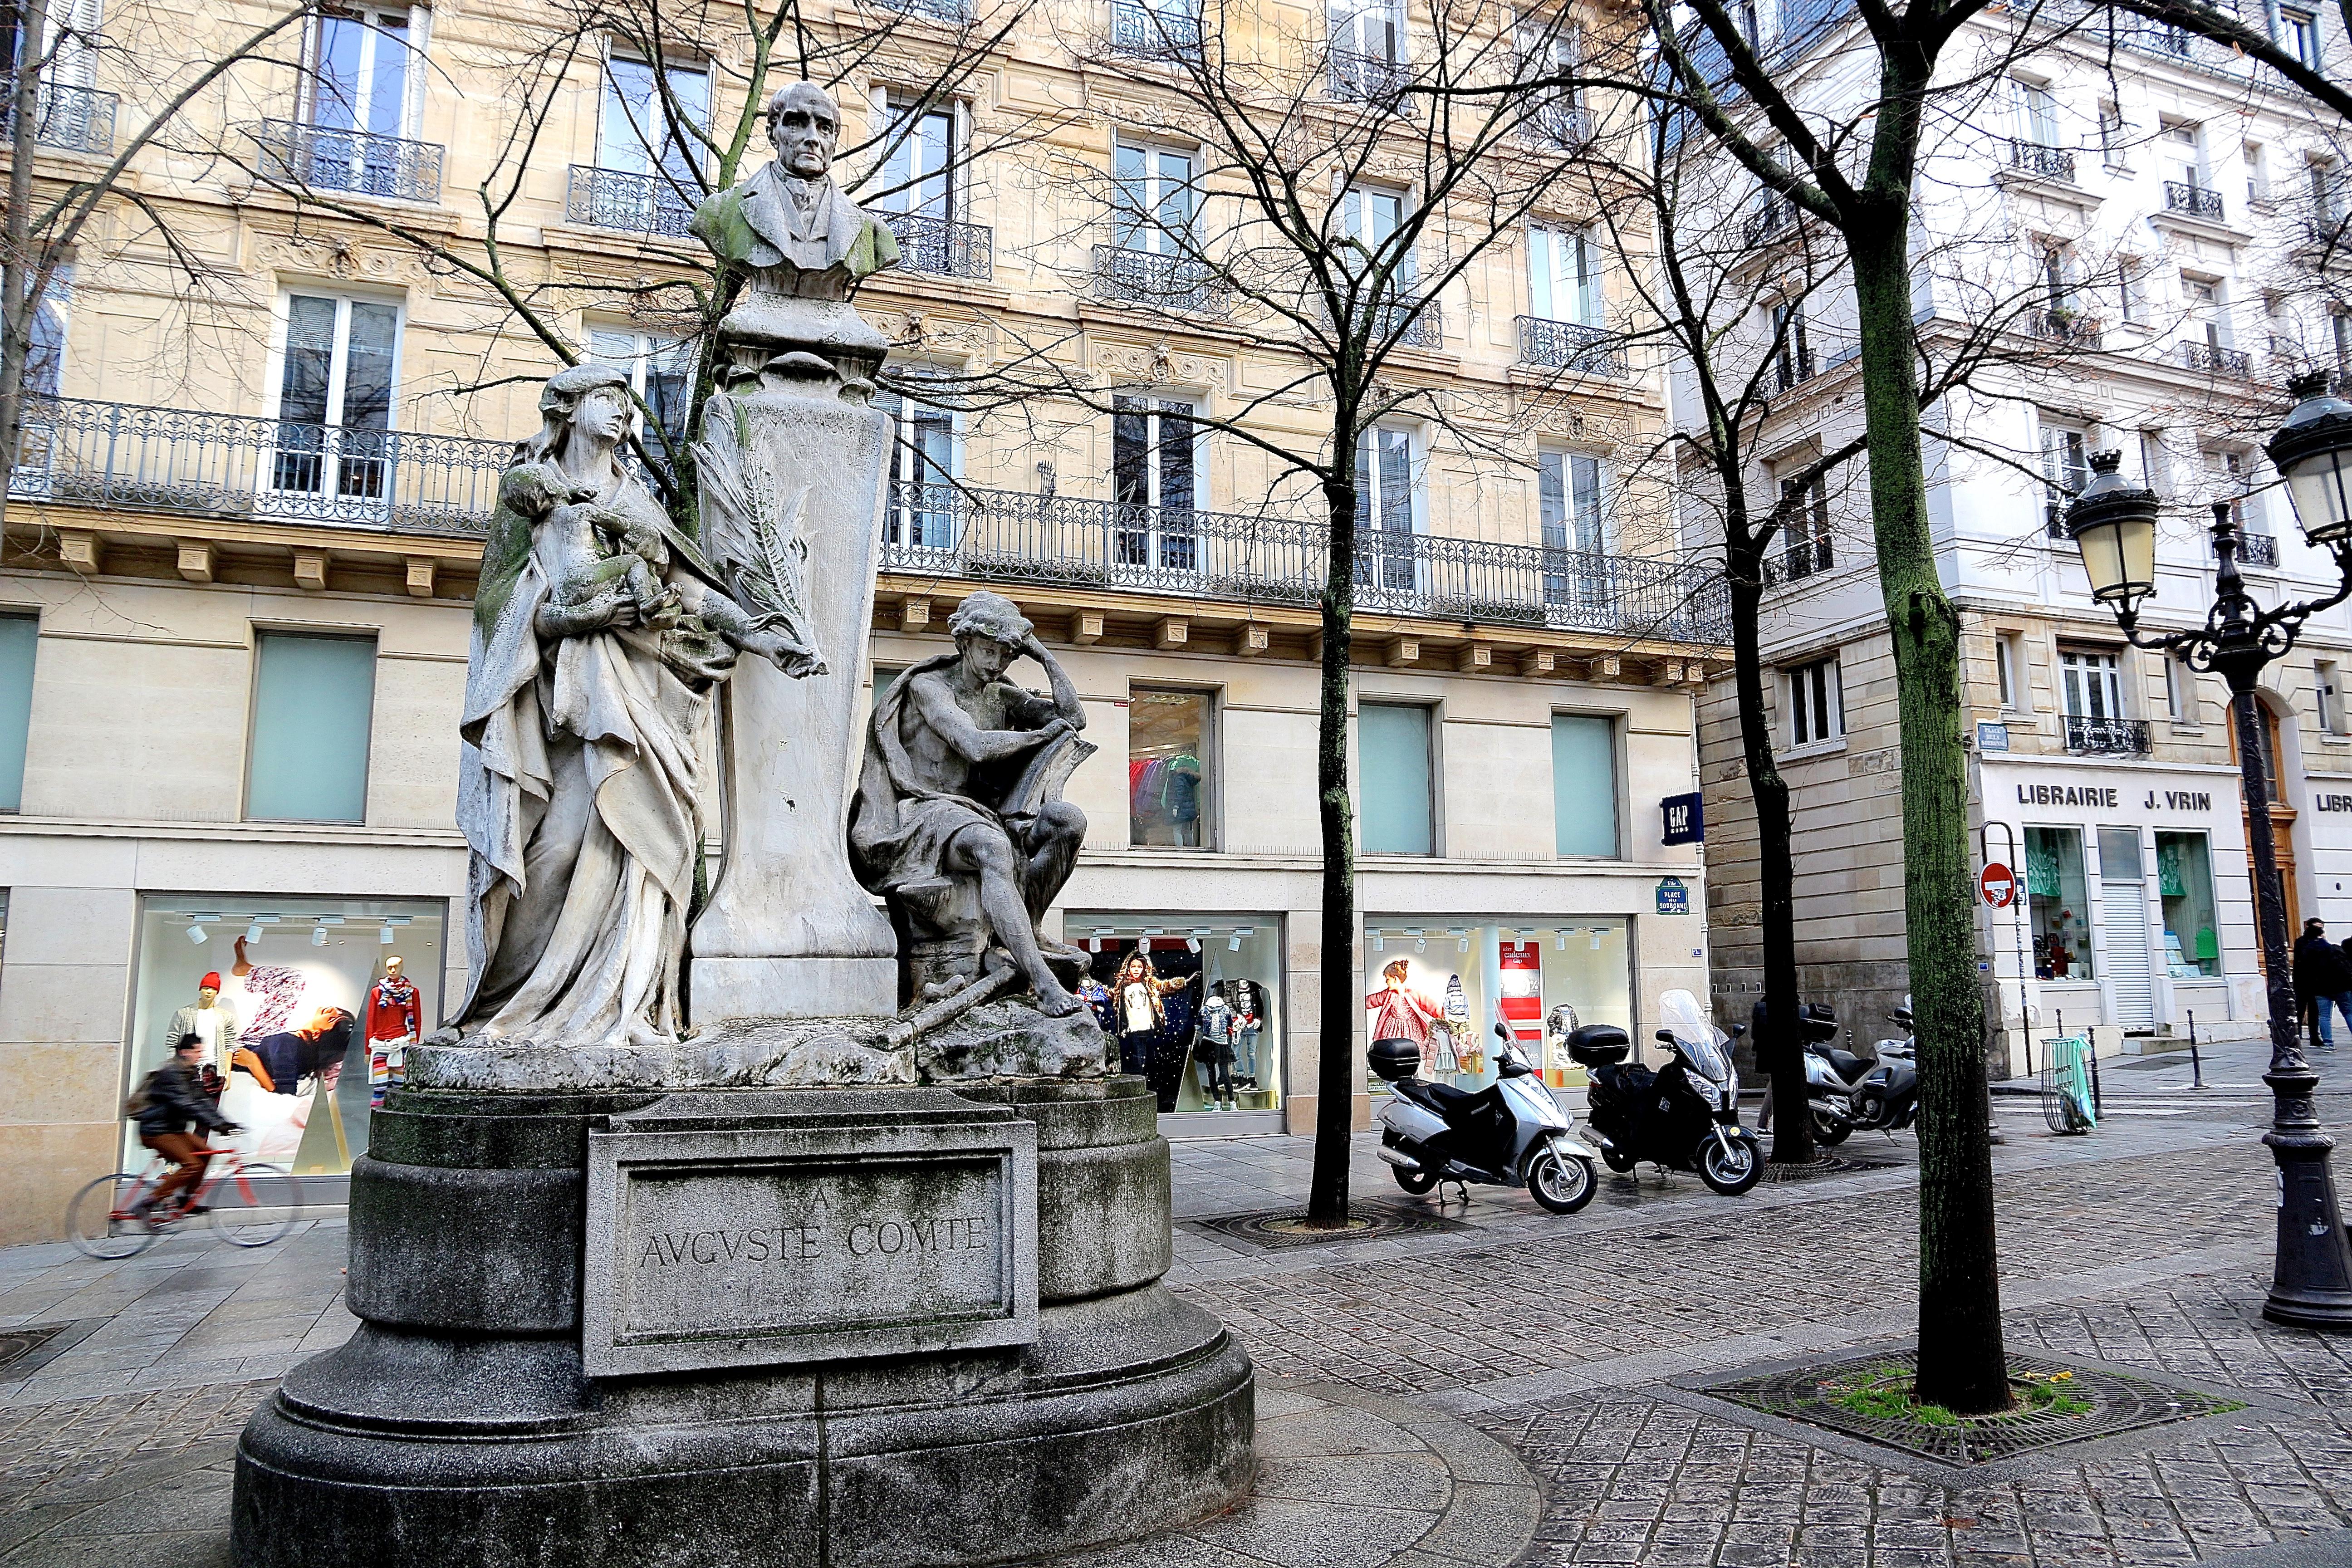 le monument à Auguste Comte